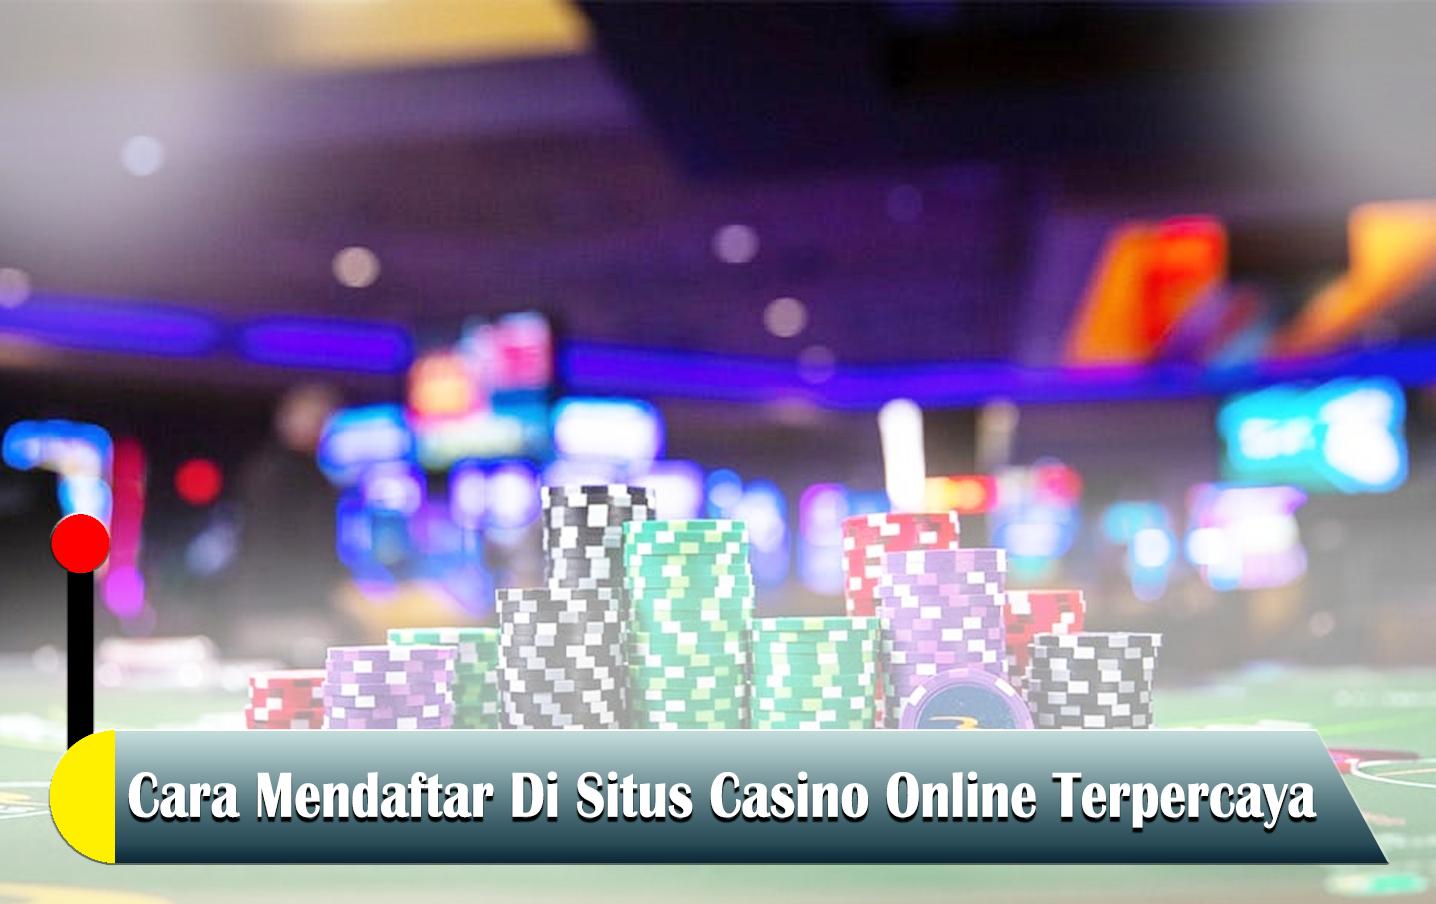 Cara Mendaftar Di Situs Casino Online Terpercaya